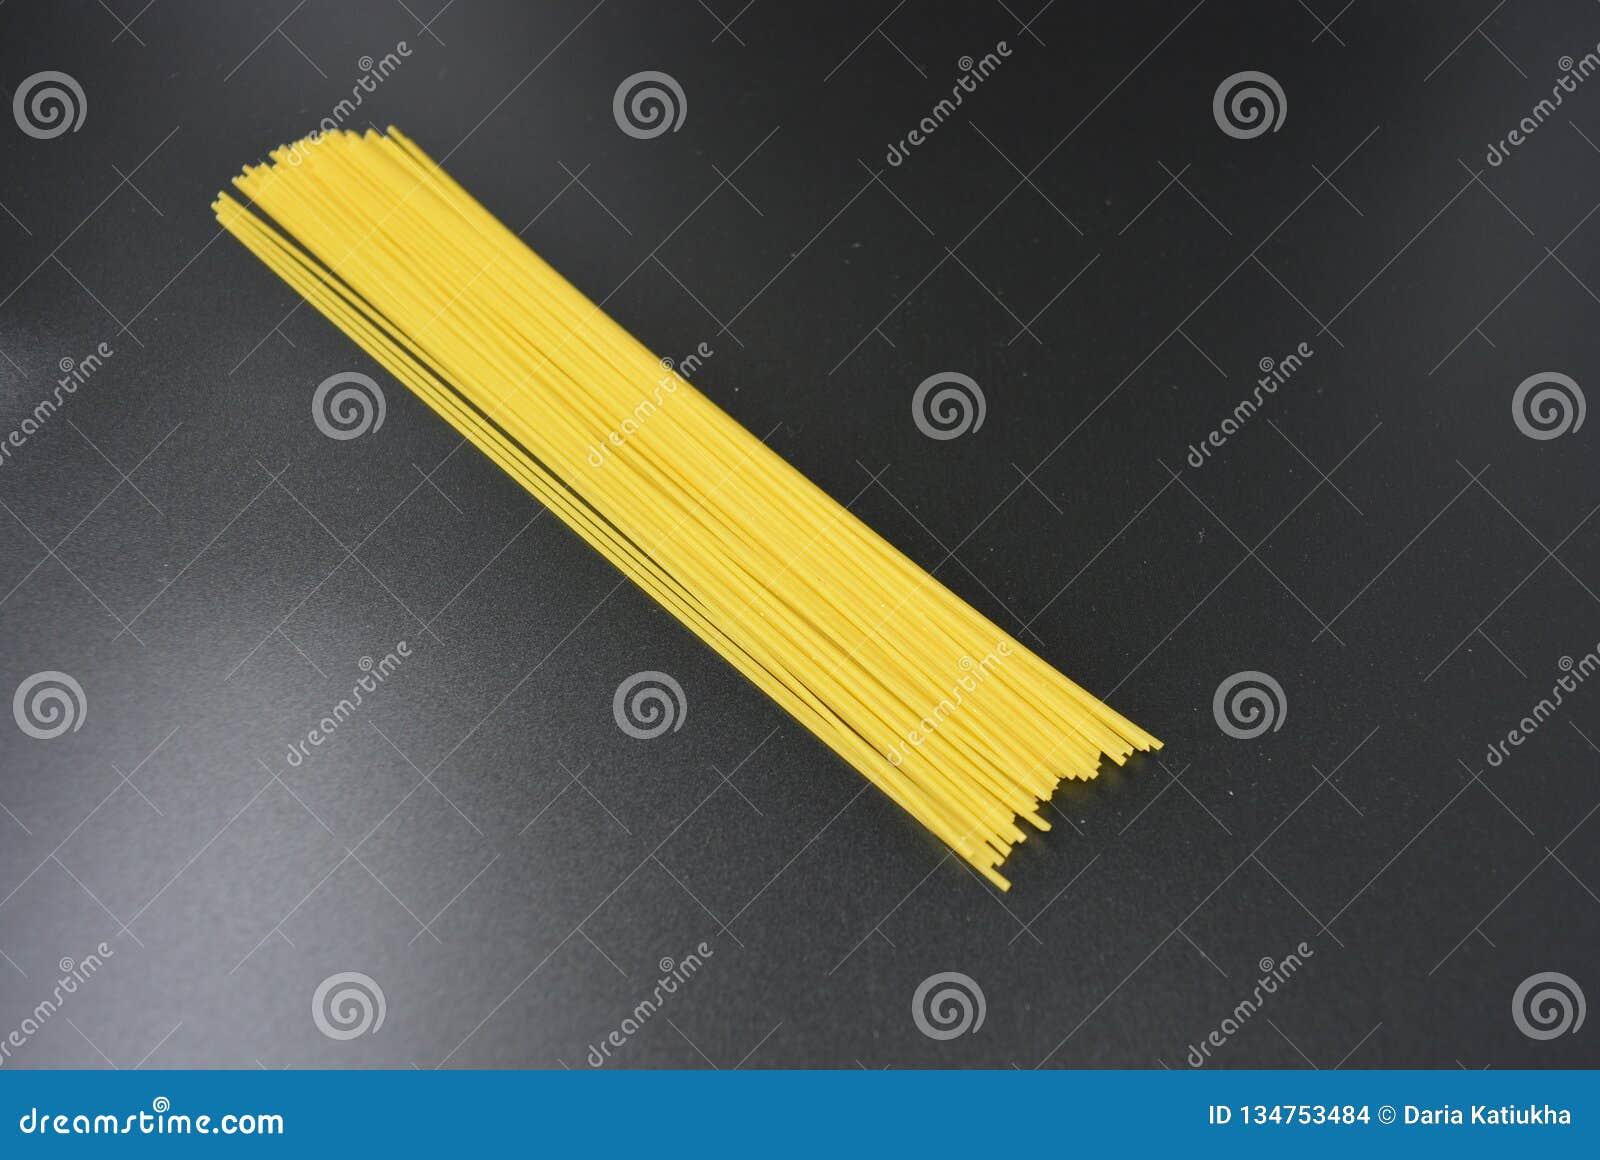 长的干细面条,从硬质小麦品种的意大利面团意粉在有趣的黑背景的组装